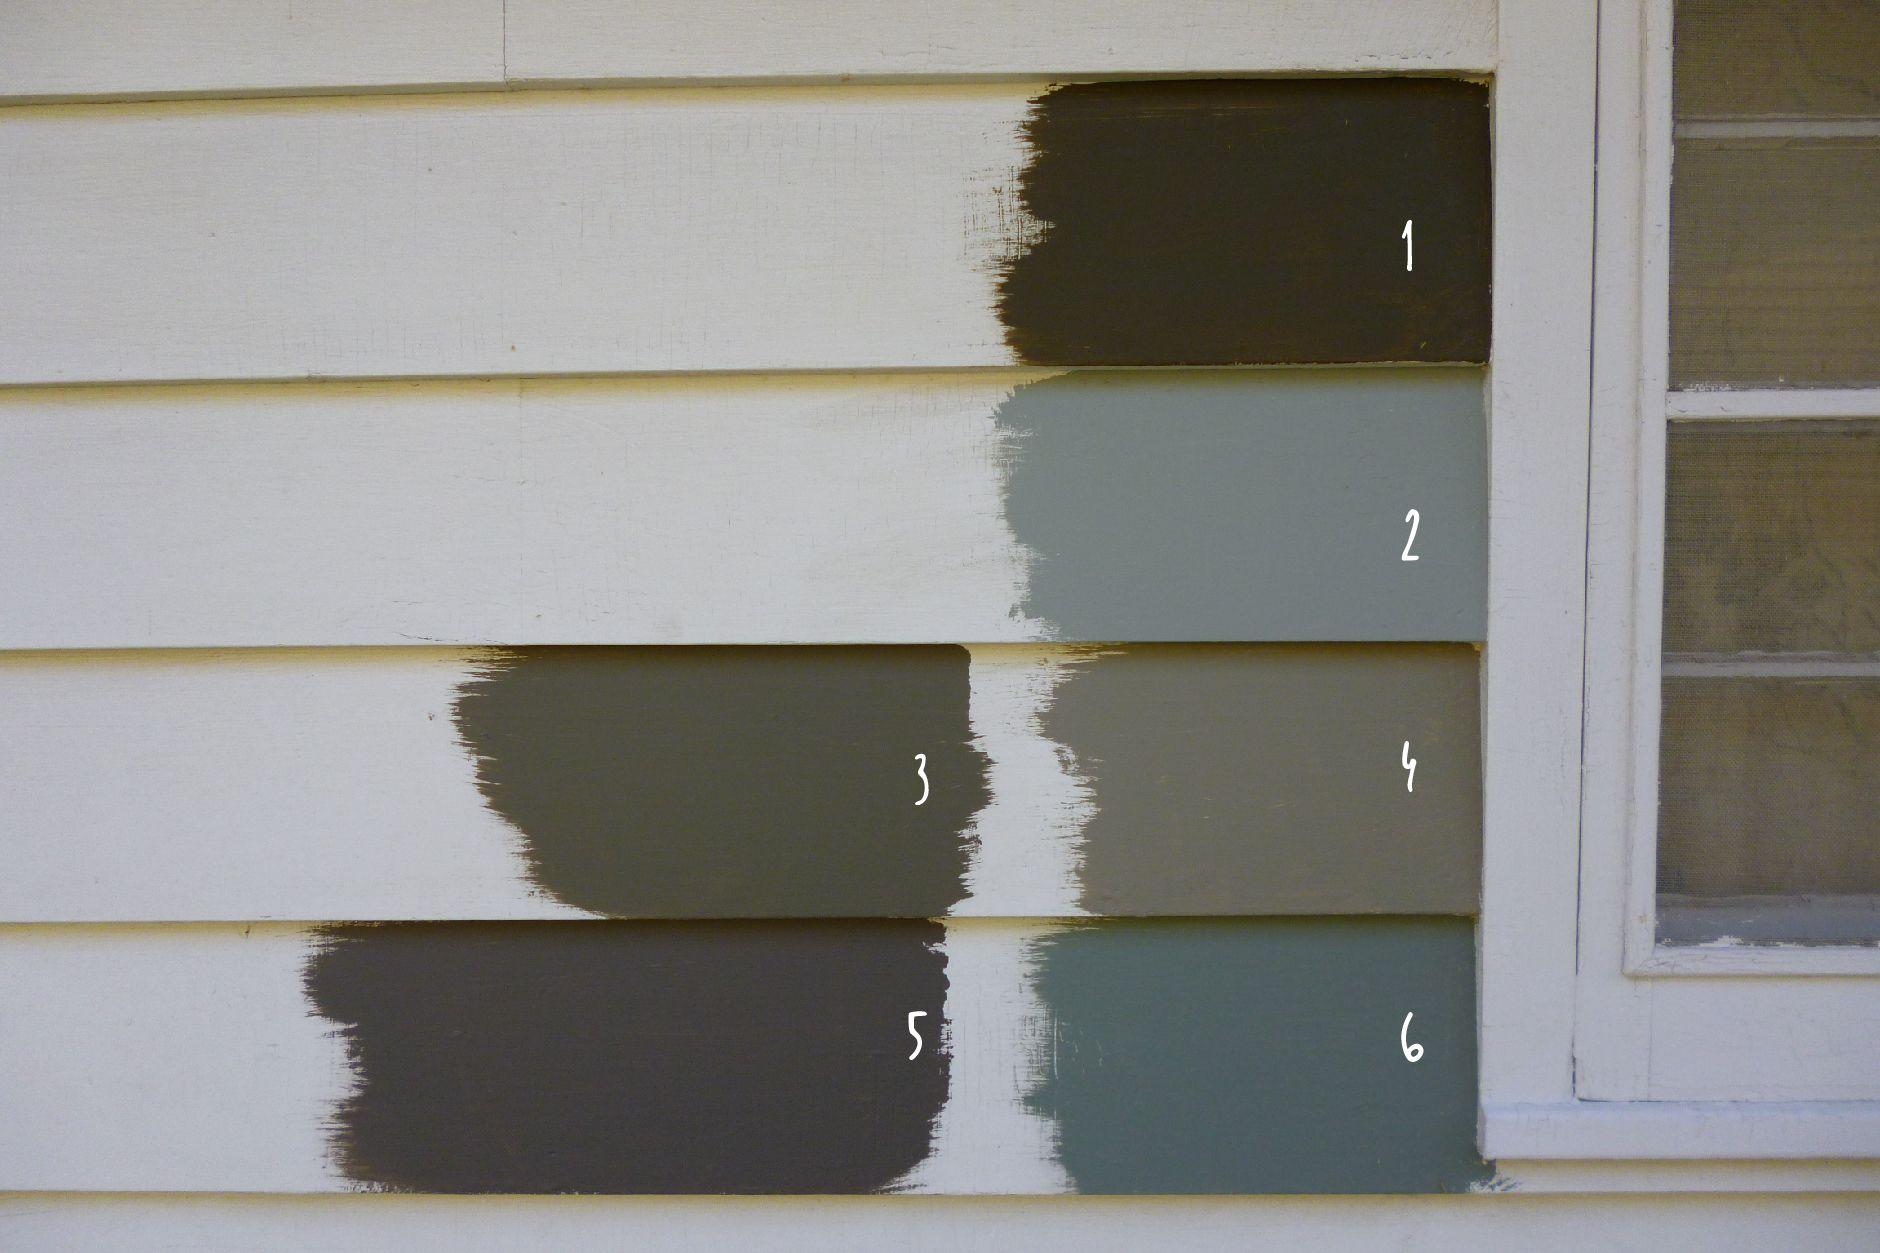 Stupendous 1000 Images About Renovation Colors On Pinterest Paint Colors Largest Home Design Picture Inspirations Pitcheantrous